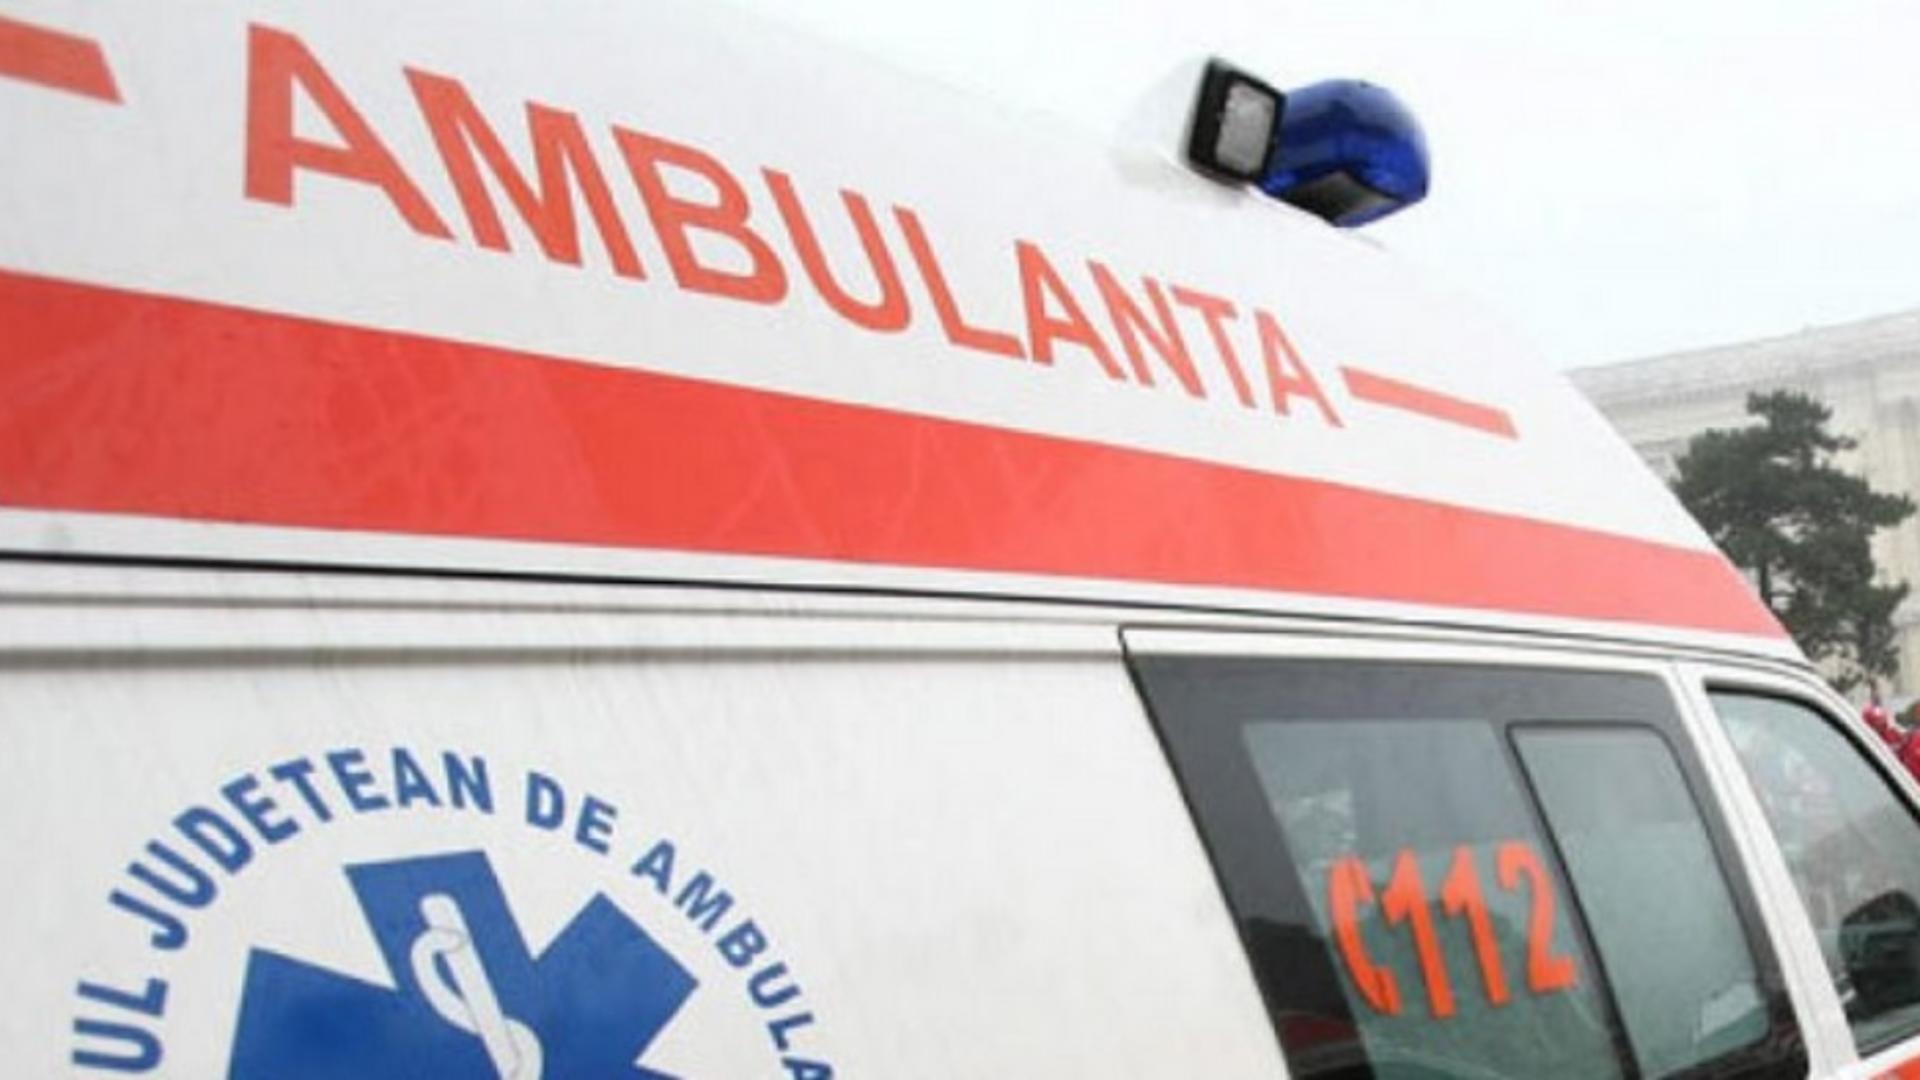 Pacientă de 78 de ani, bolnavă de Covid, plimbată ore în șir cu ambulanța, între spitale